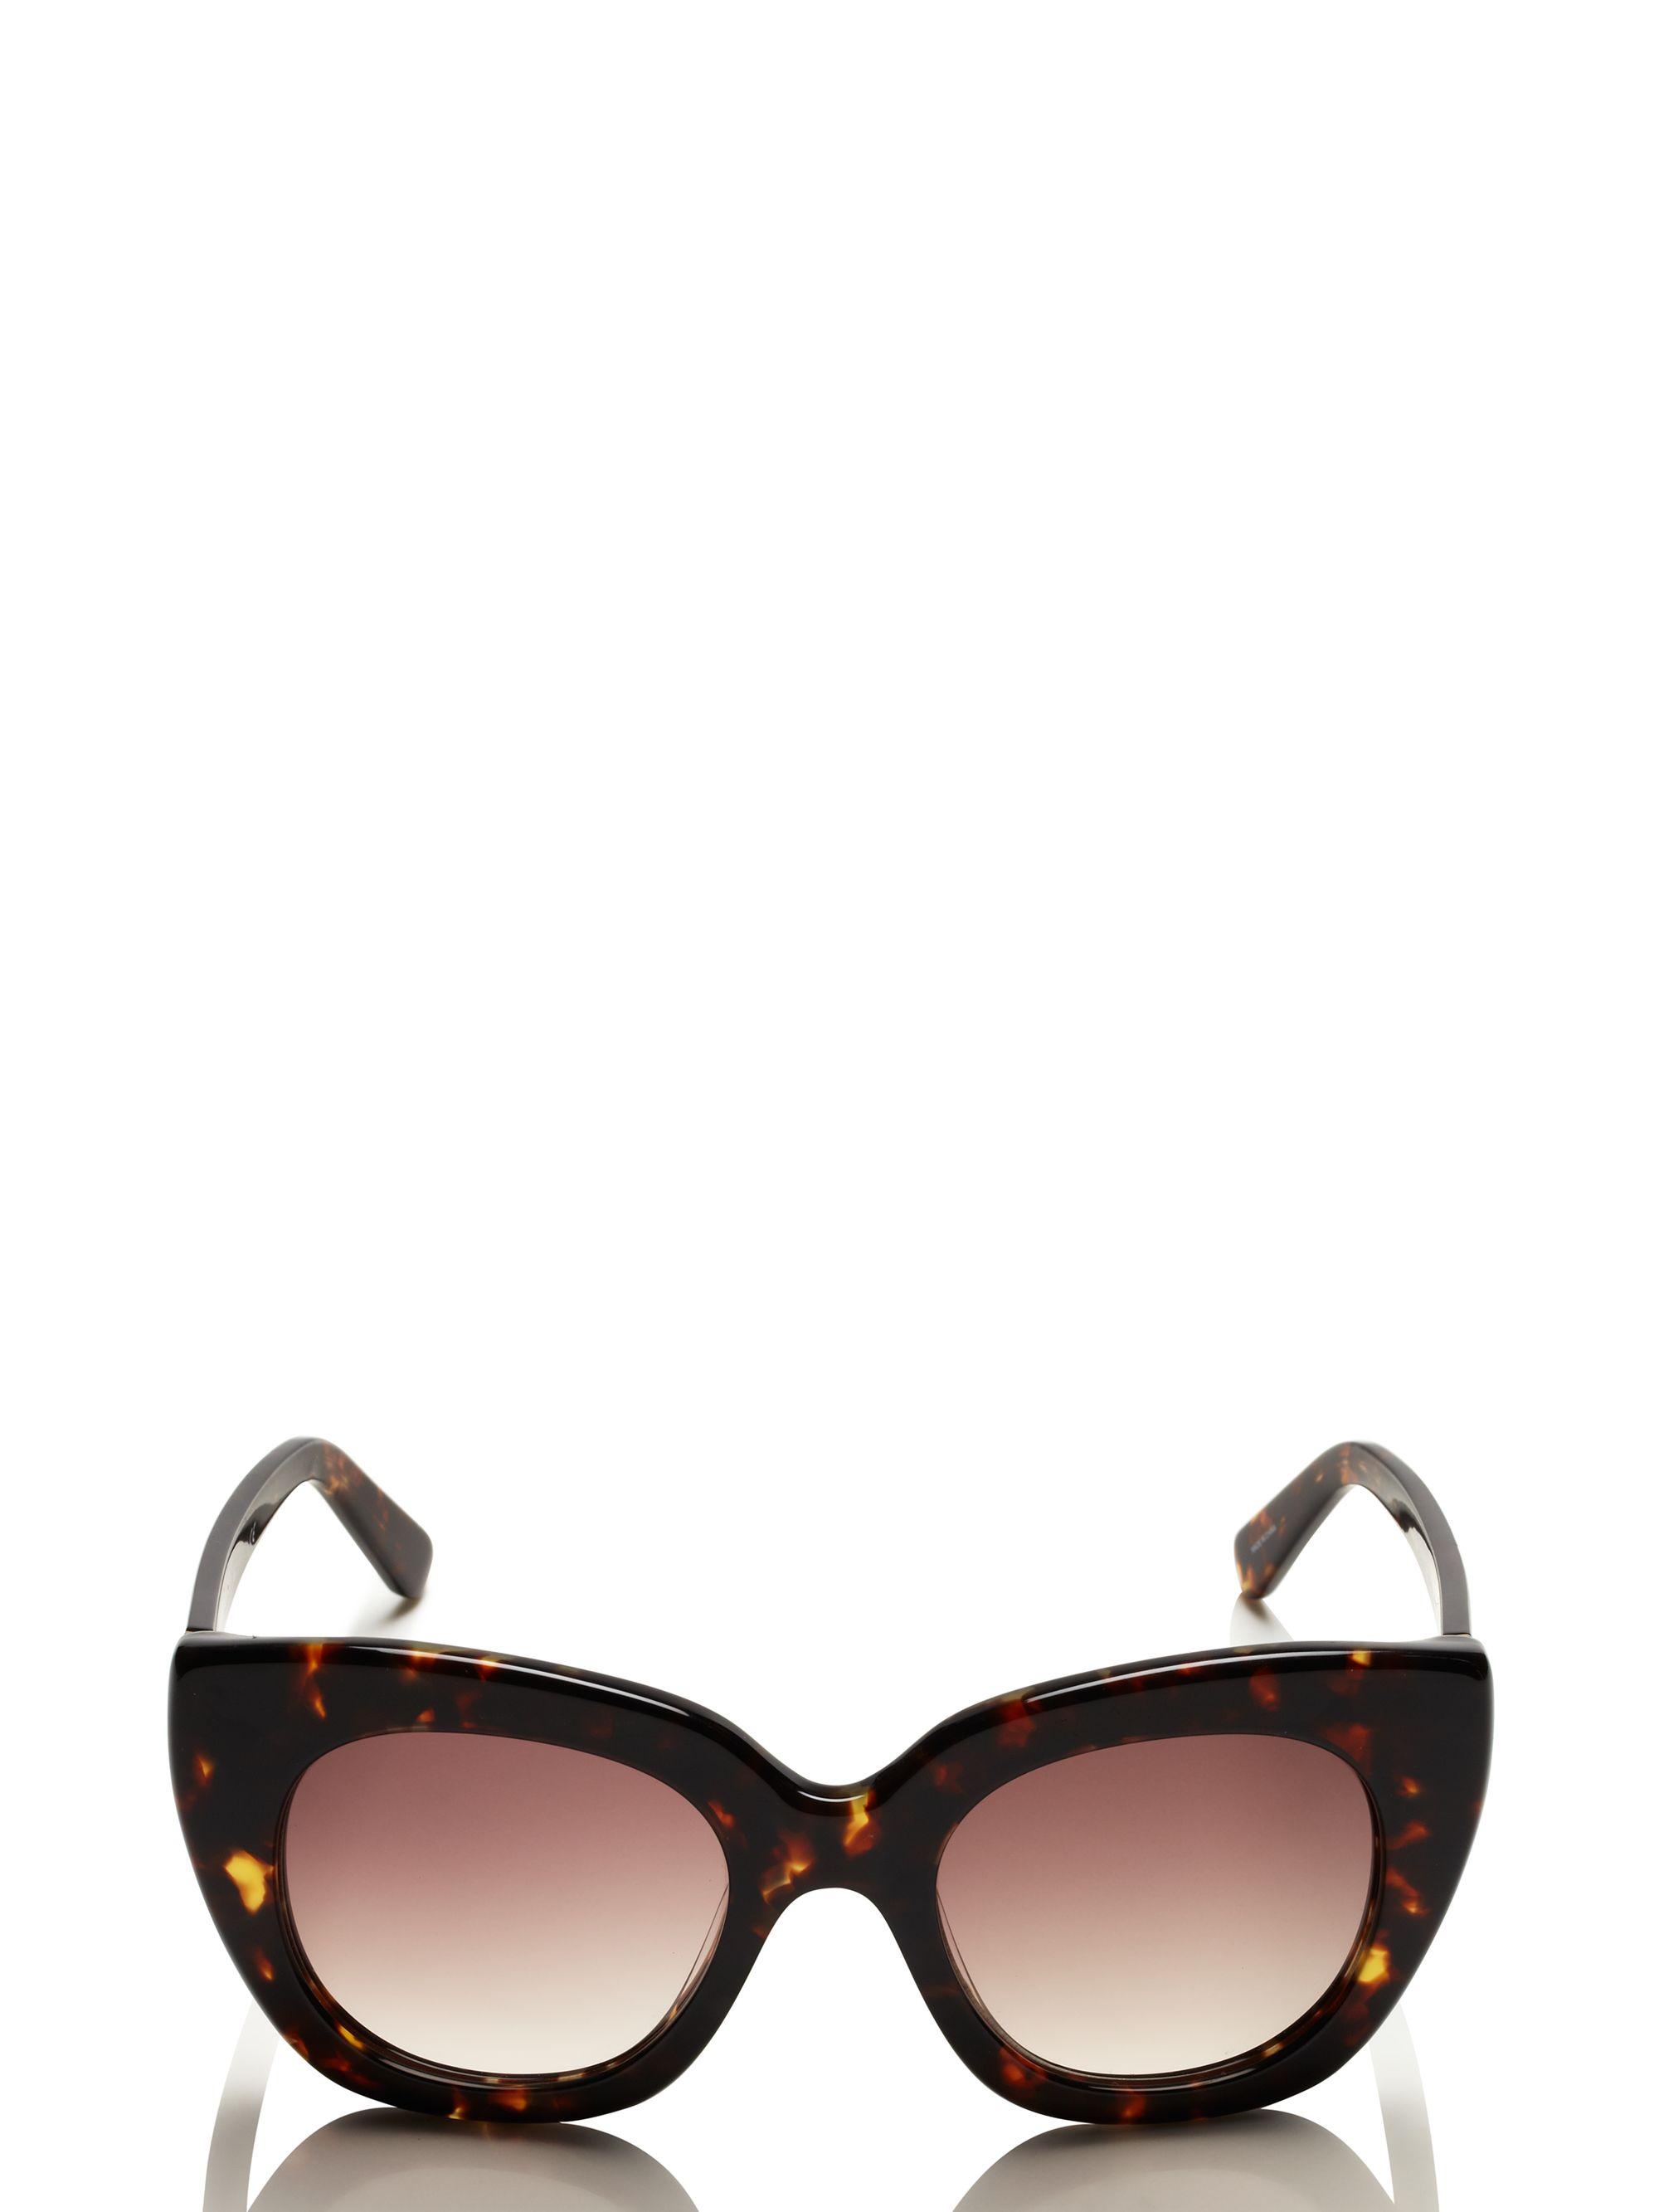 ec0507e14dba5 Kate Spade Narelle Sunglasses in Brown - Lyst